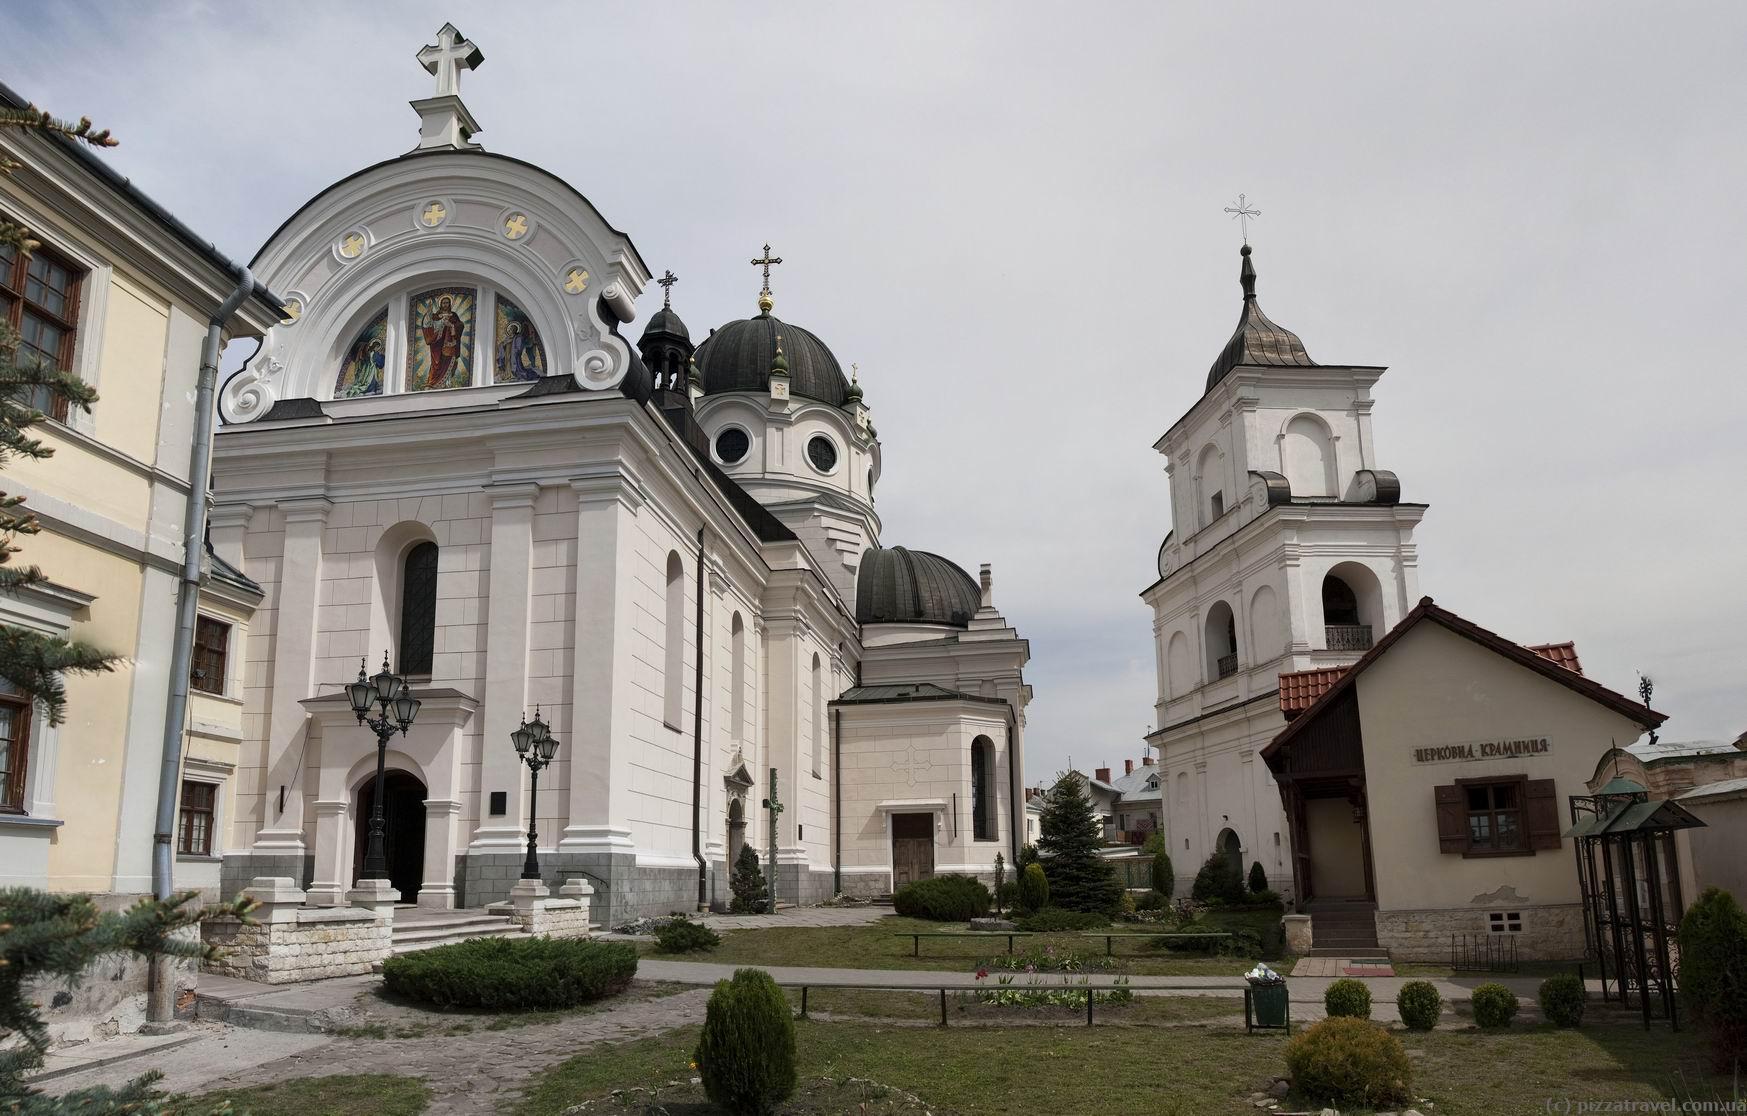 ab05305a0 Миниатюрный Львов: что туристу посмотреть в Жовкве - Vgorode.ua